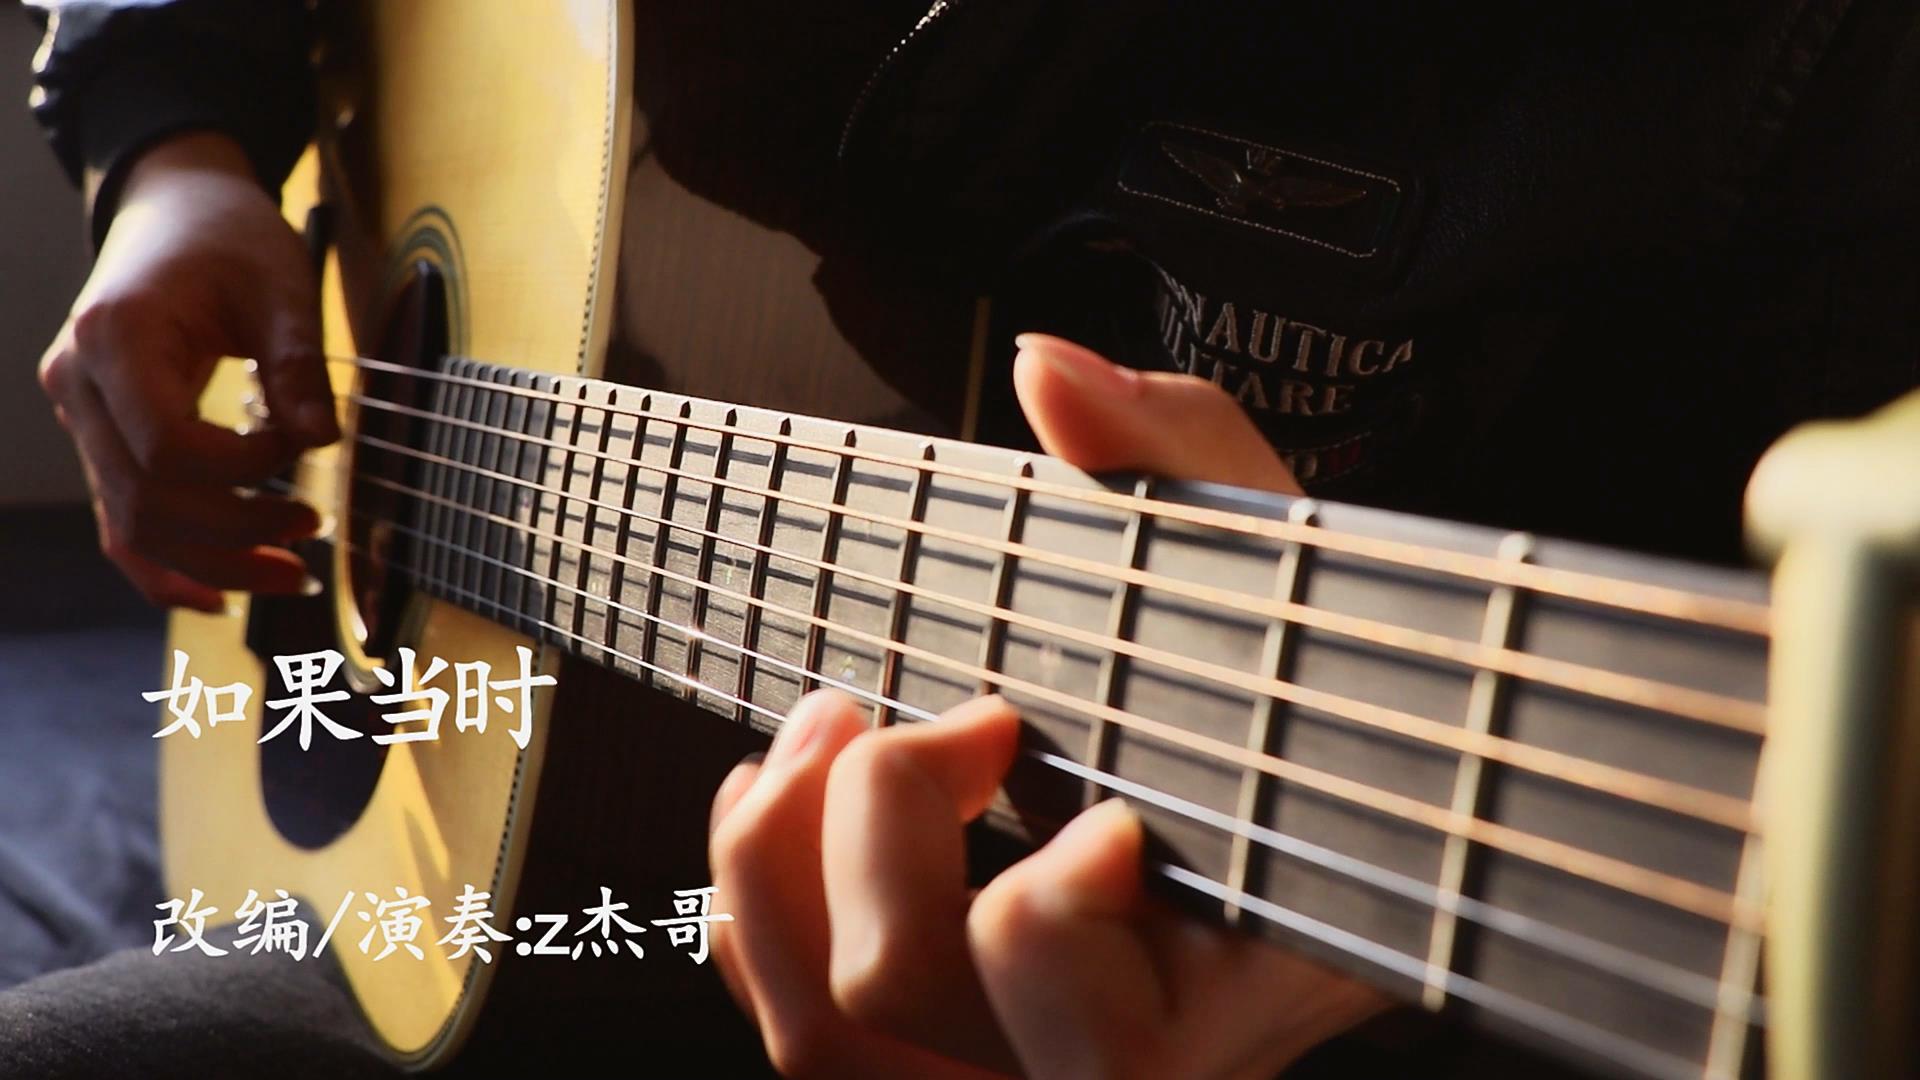 【指弹吉他】如果当时,与你若只如初见,何须感伤离别